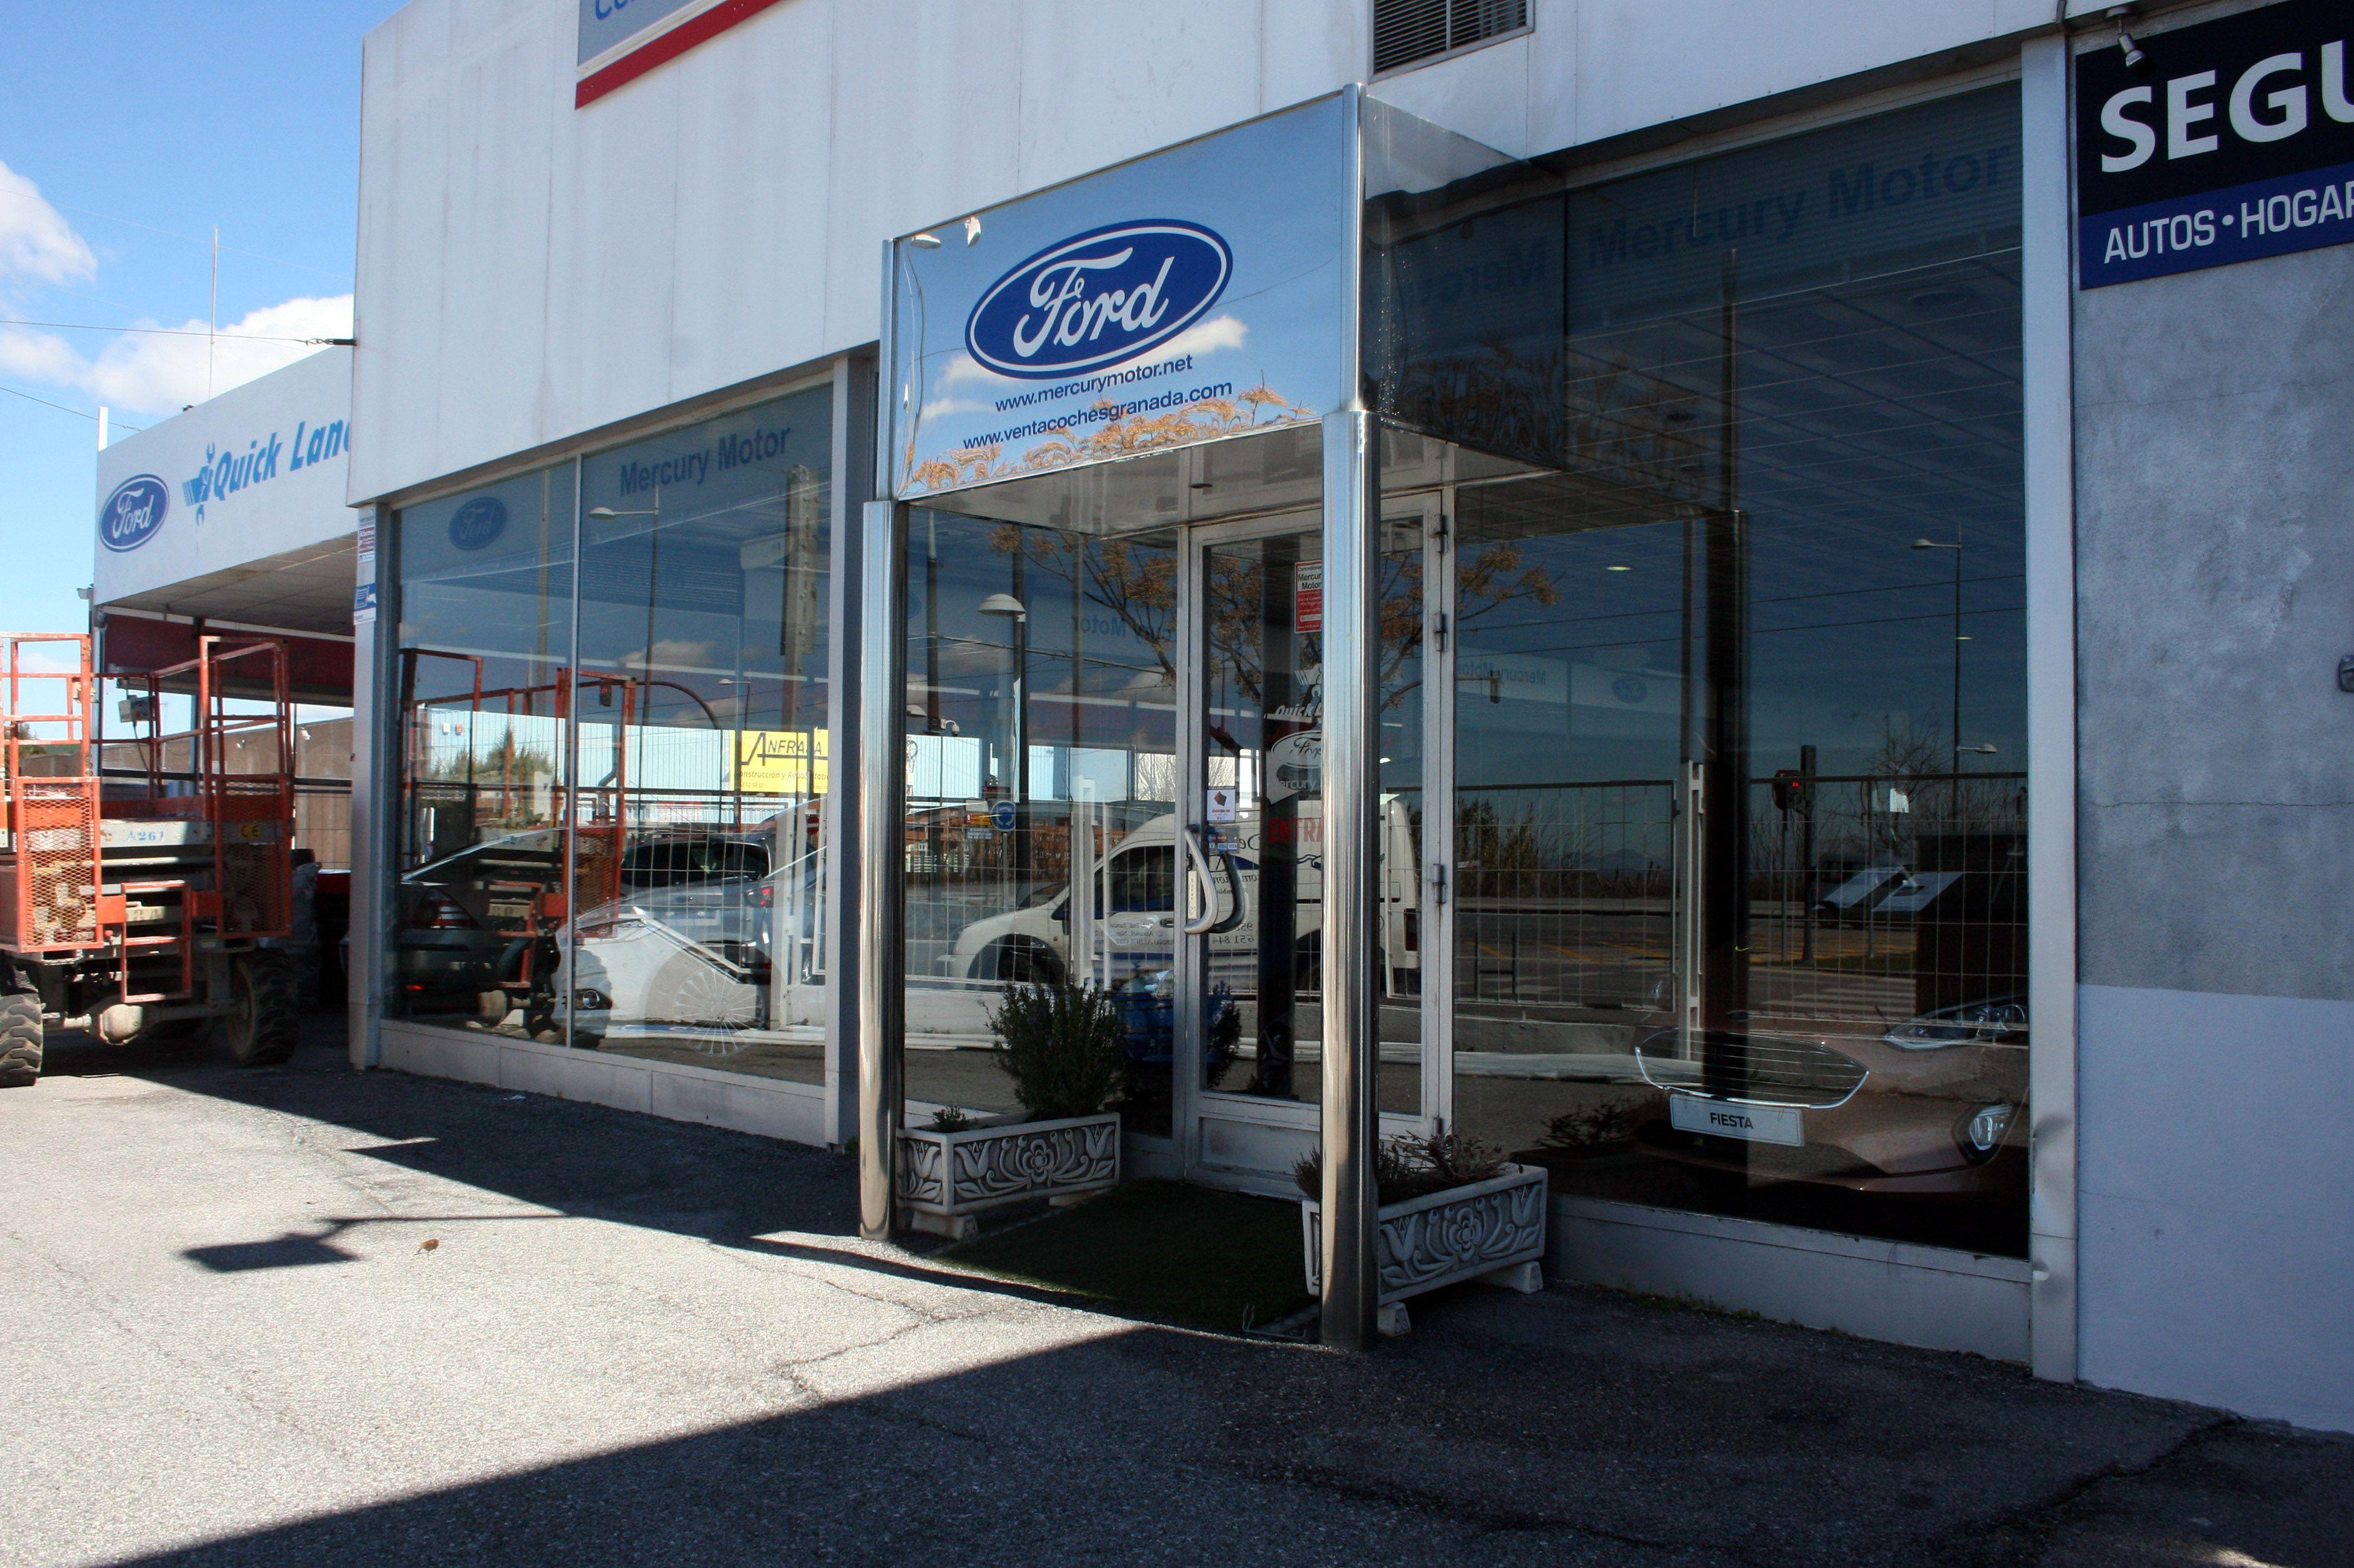 En Mercury Motor encontrarás los mejores precios para la compra de tu automóvil